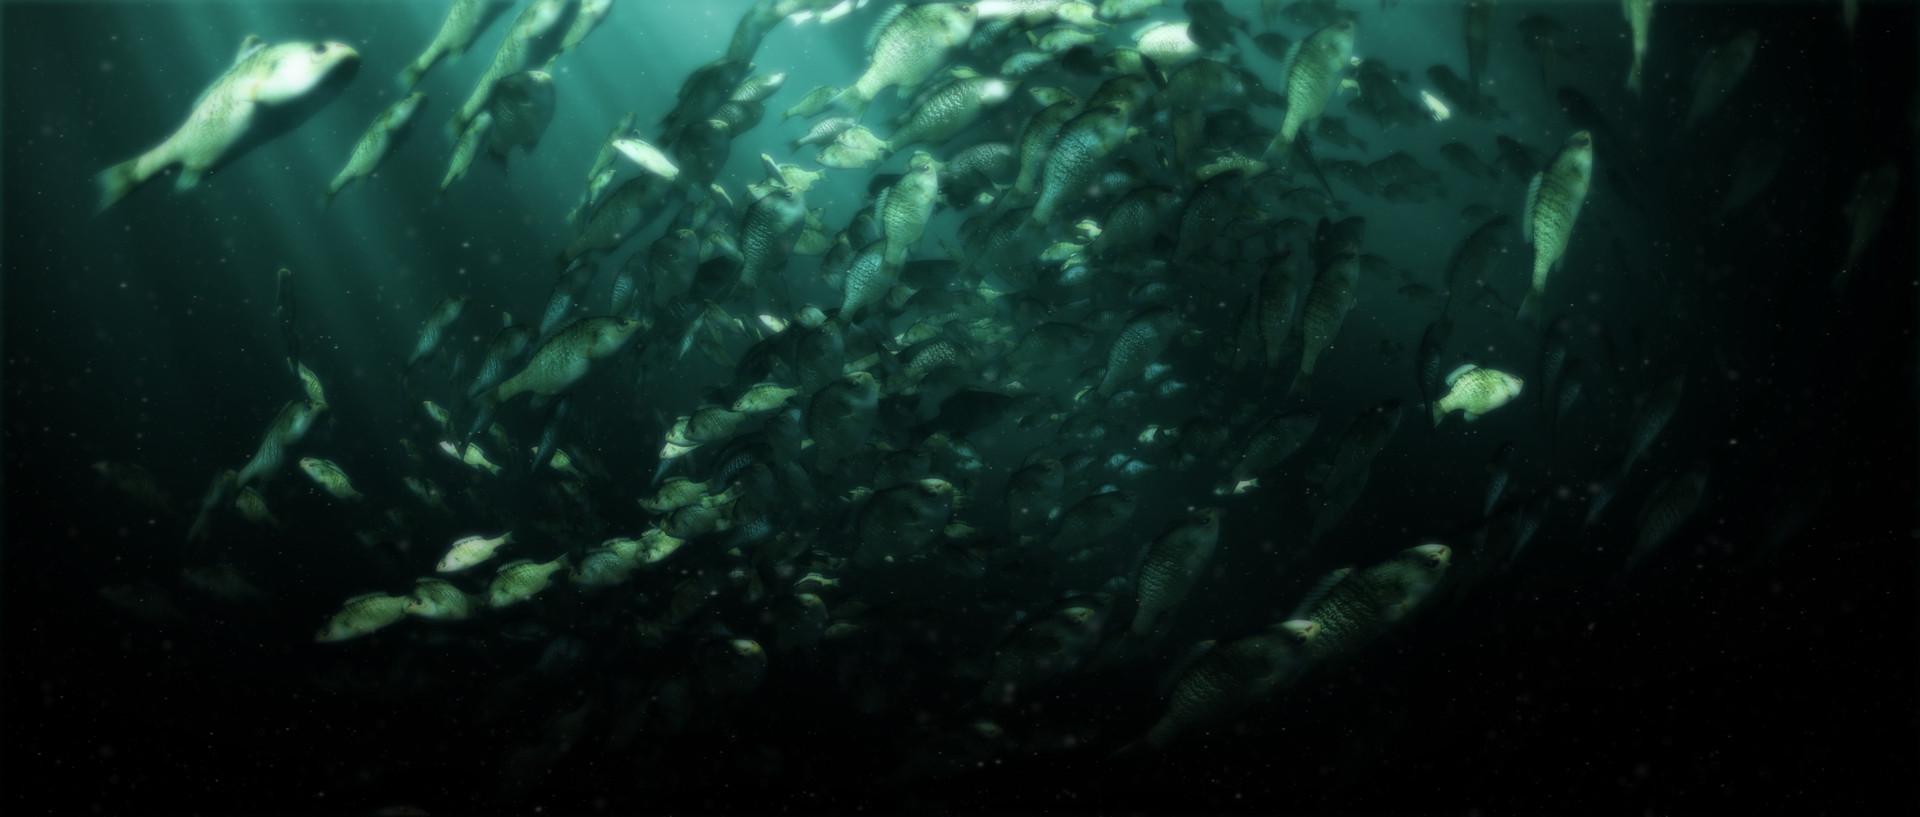 fish_8k.jpg